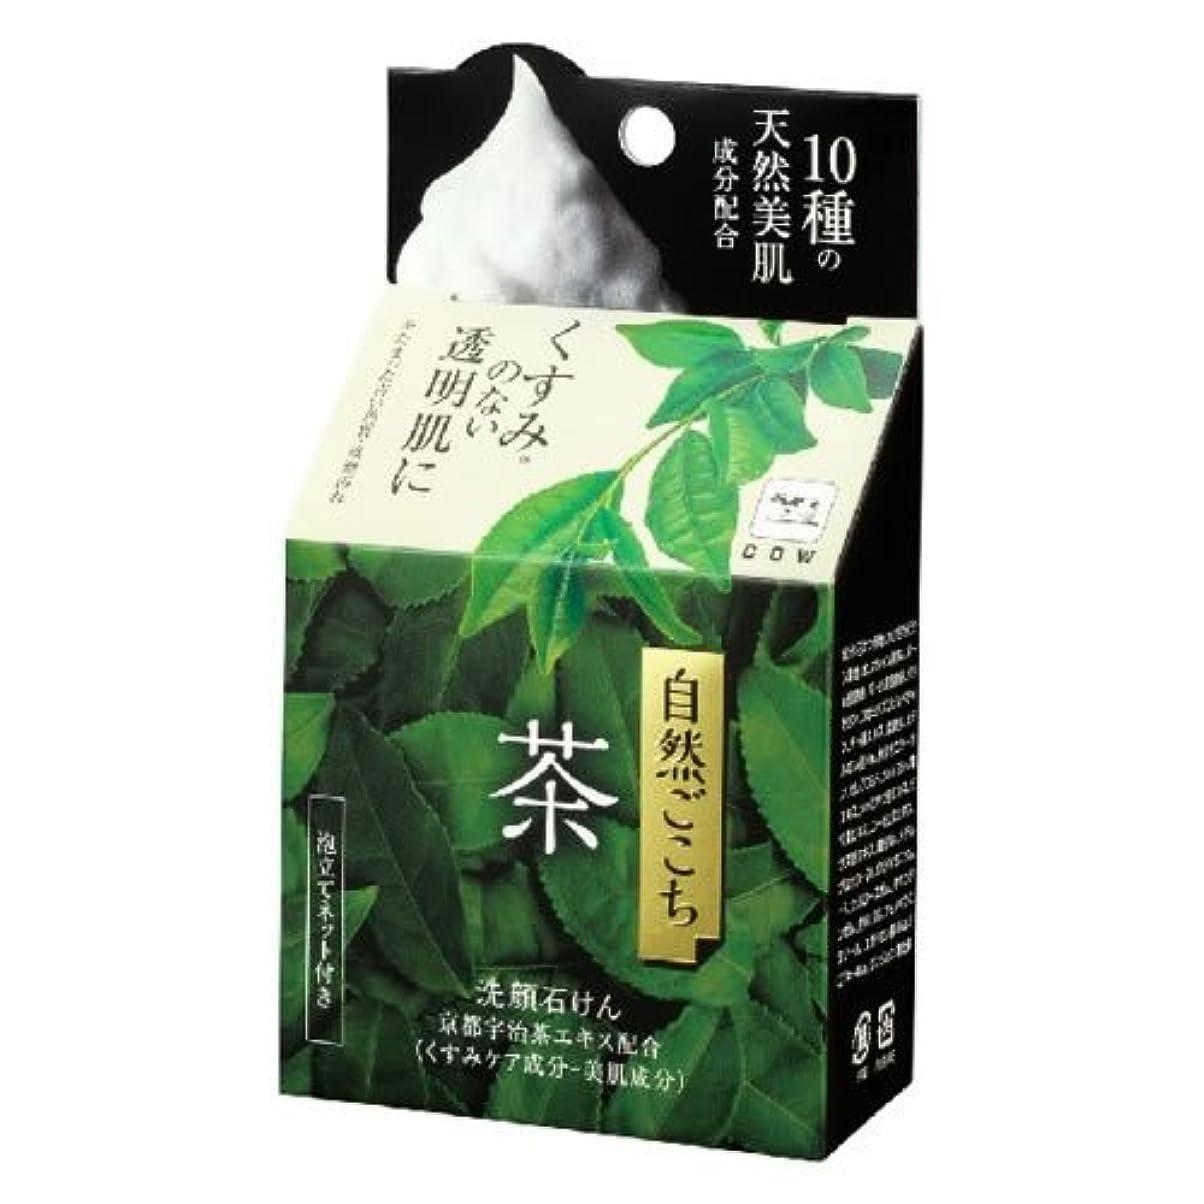 陰謀徹底的にエンジニアリング牛乳石鹸共進社 自然ごこち 茶 洗顔石けん 80g (お茶エキス配合洗顔せっけん) ×48点セット (4901525002288)